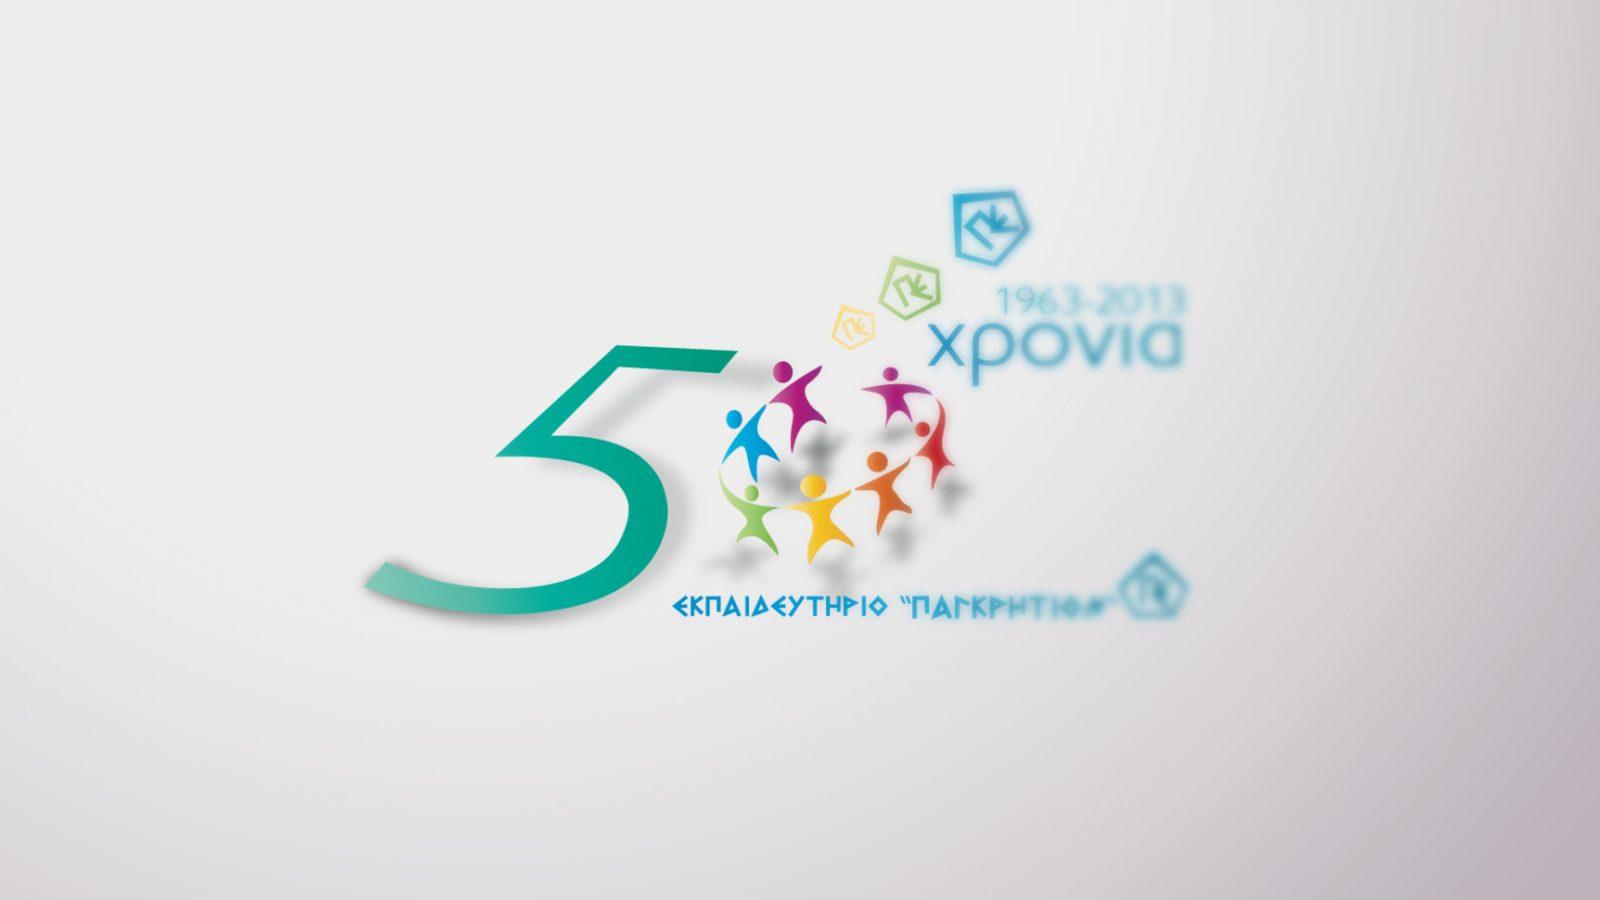 Φιορετζης Δημητρης γραφιστας Logo Branding Packaging Illustration Web Σχεδιασμός Λογοτύπου Συσκευασίας graphic design fioretzis dimitris olive oil package design